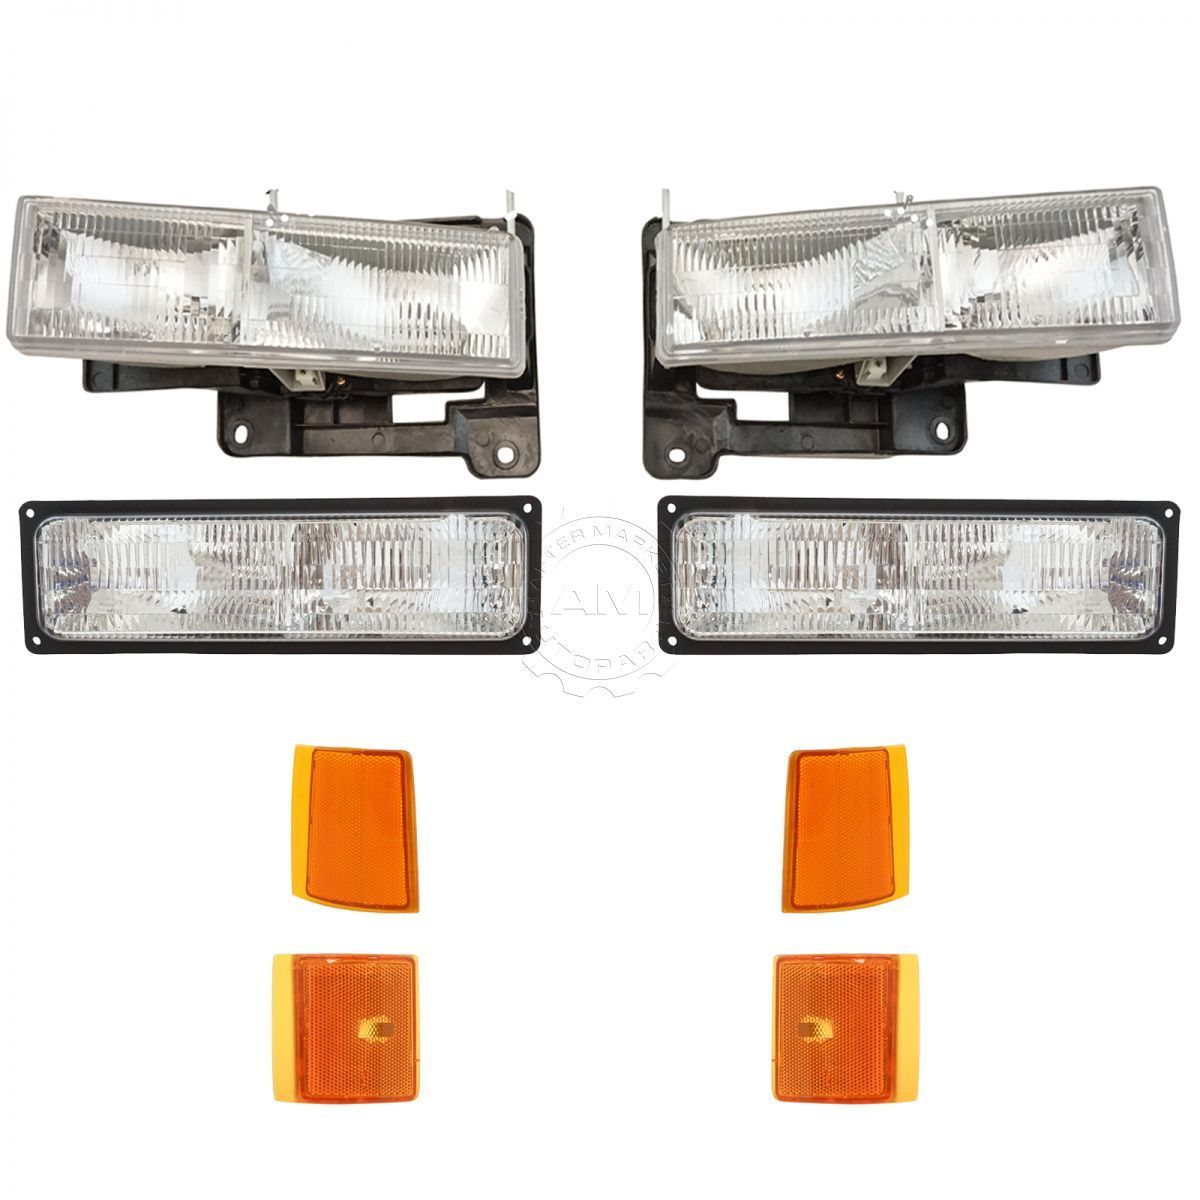 コーナーライト Headlights & Corner Parking Lights Left & Right Set Kit for GMC Truck Suburban ヘッドライト& コーナーパーキングライト& GMCトラック郊外の右セットキット